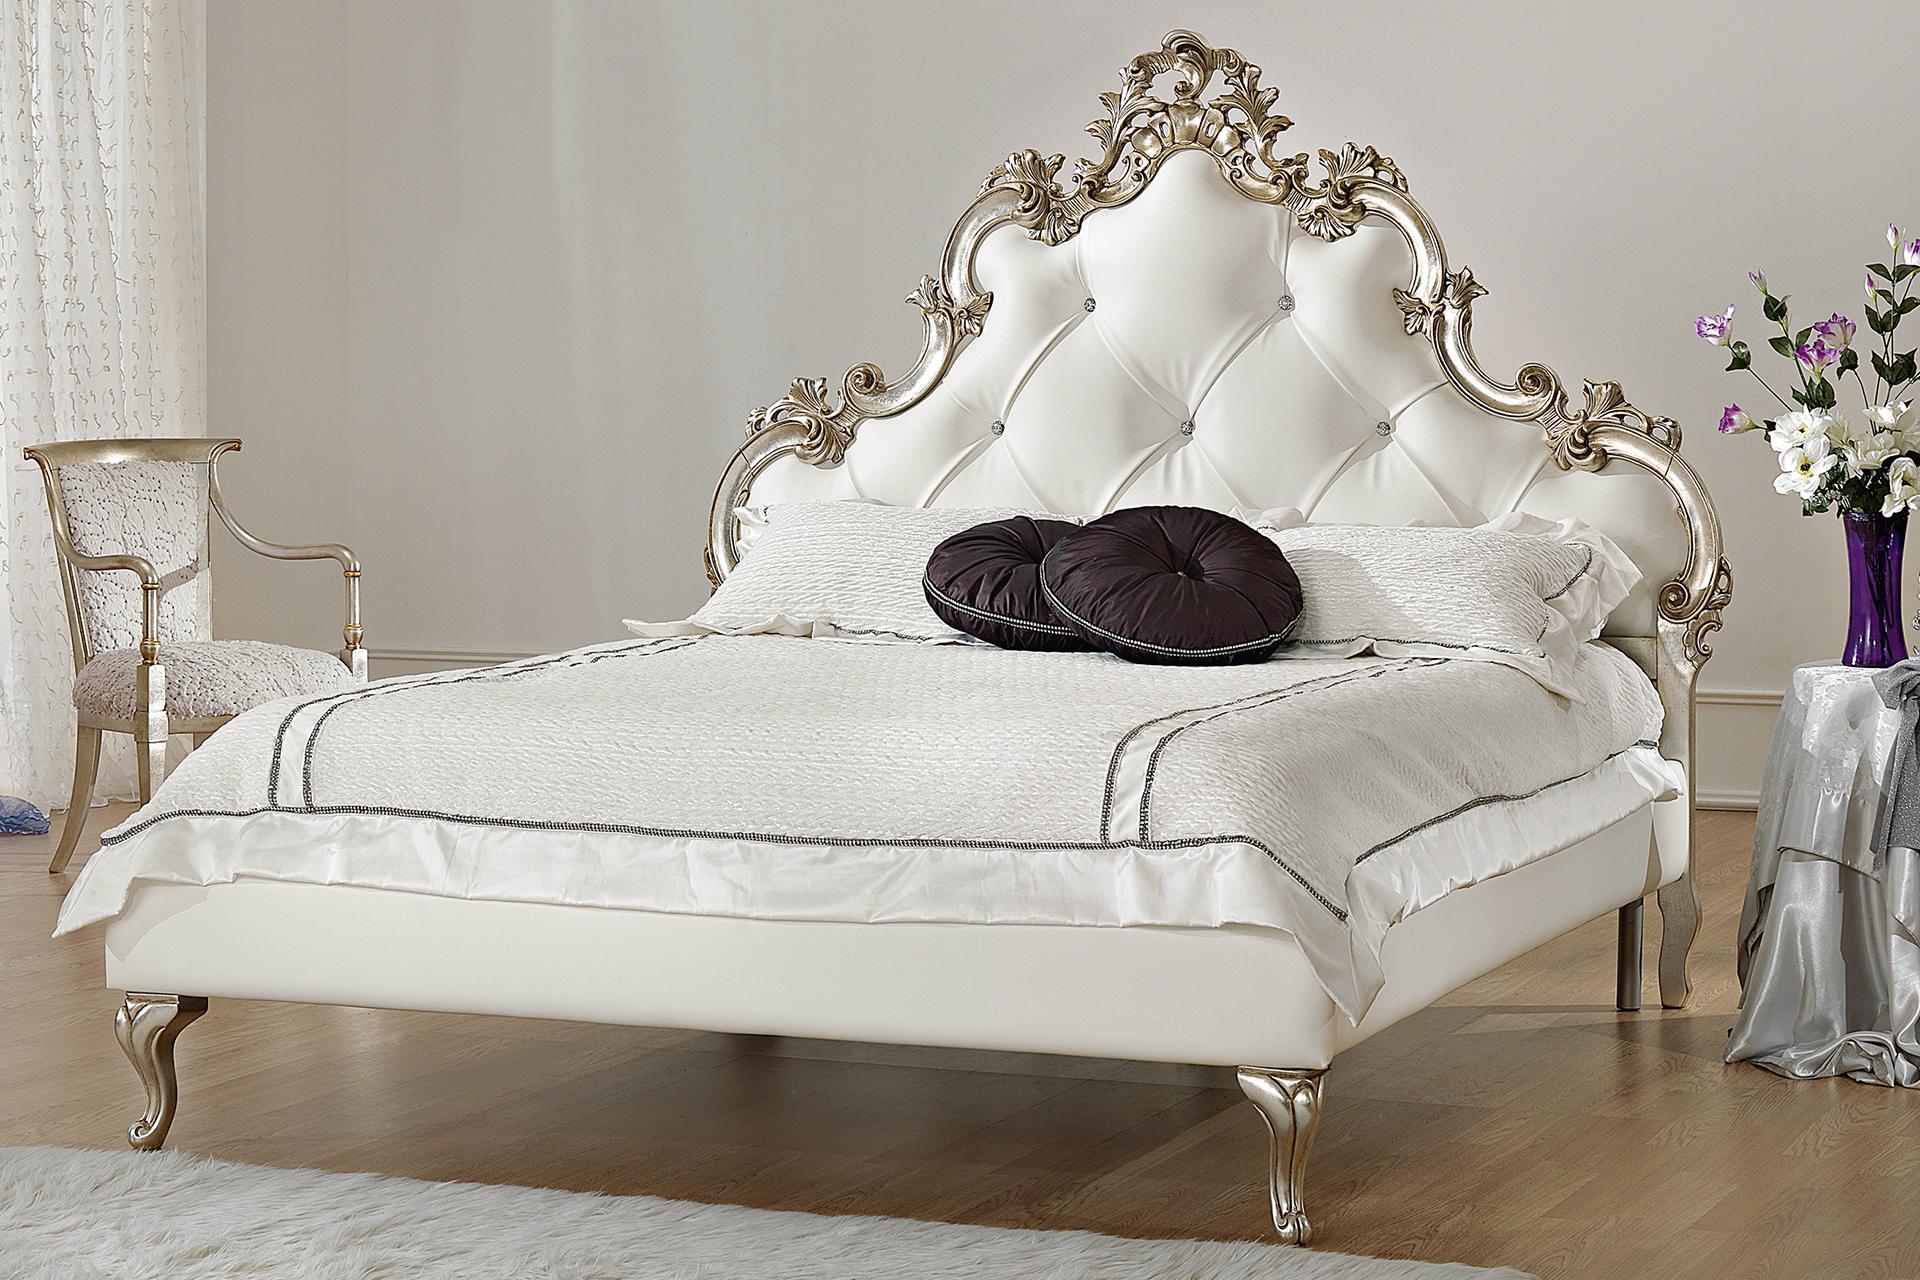 Ispirazioni camera nera da letto - Letto stile moderno ...